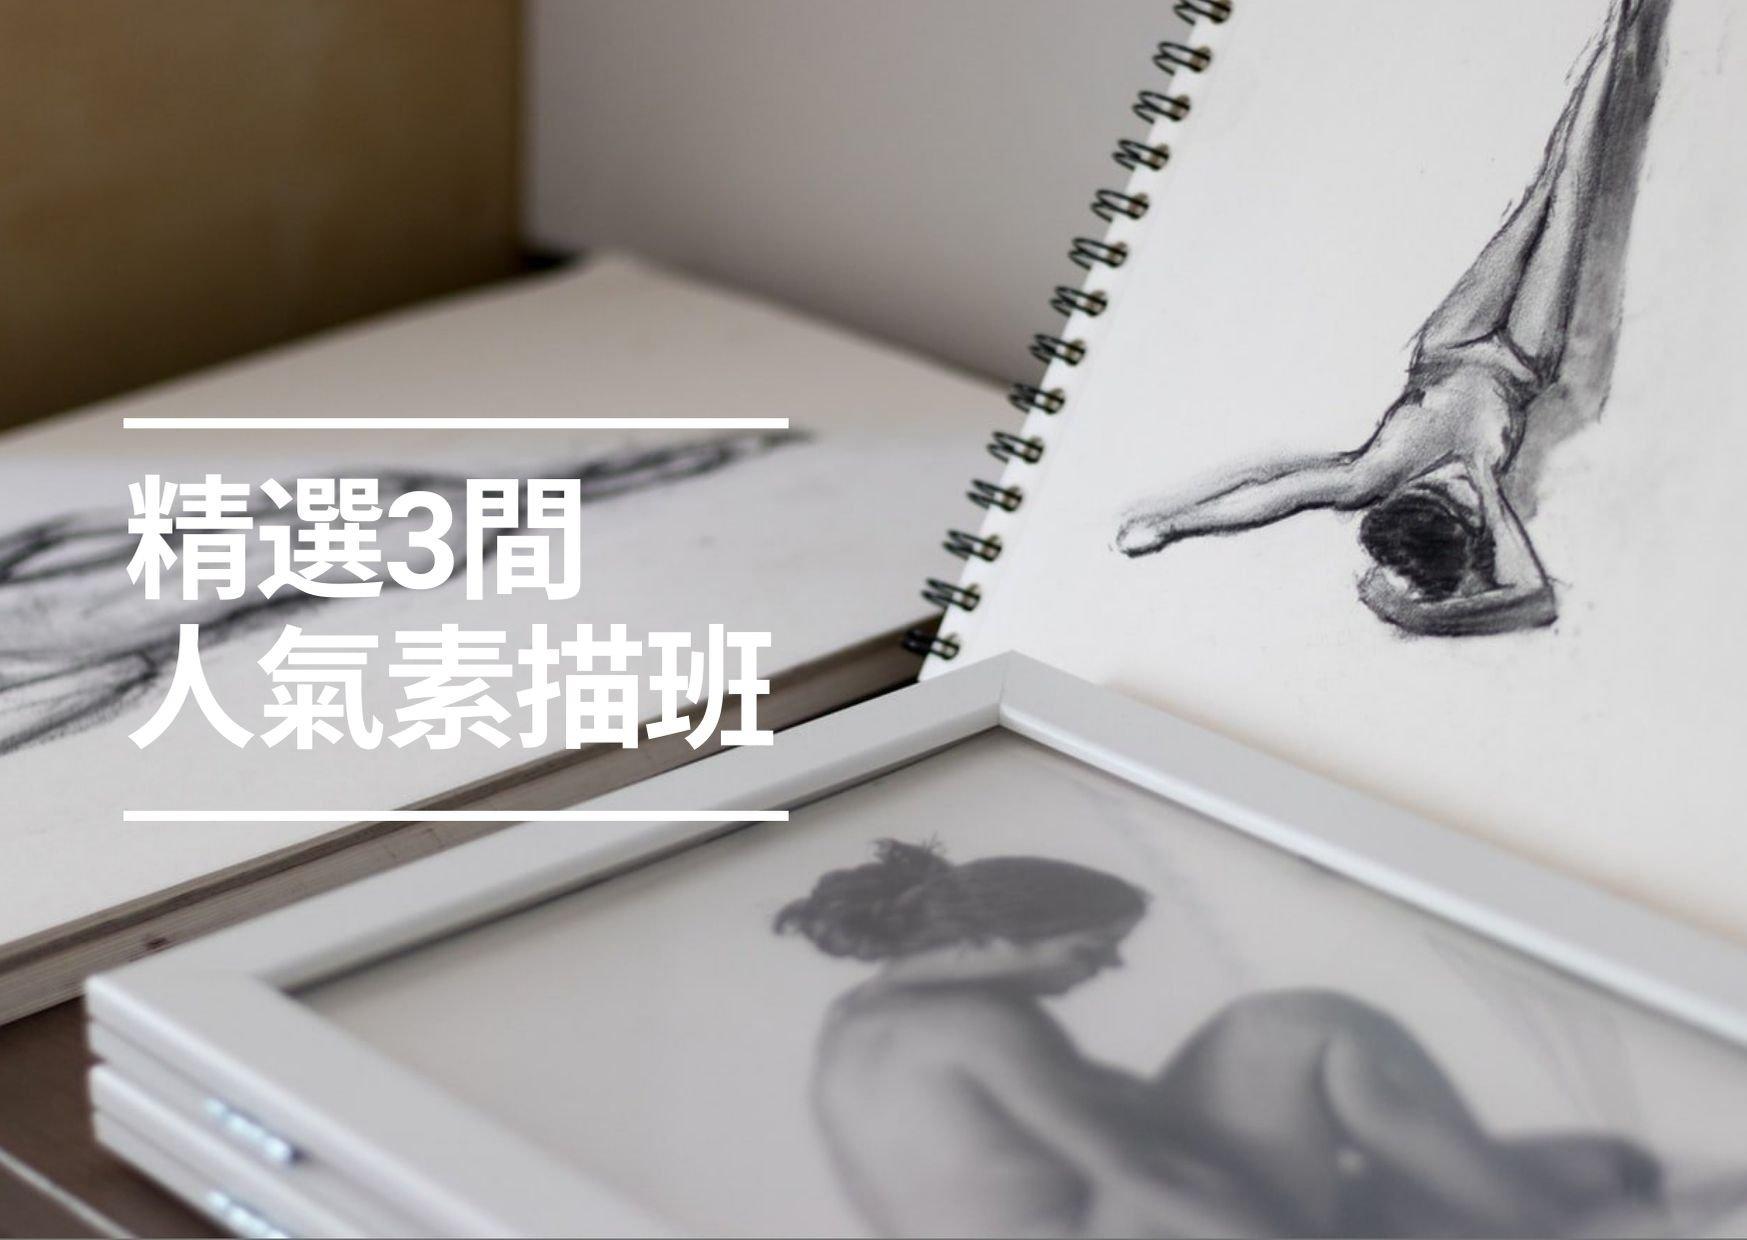 【素描班2021】嚴選3間全港最受歡迎嘅素描班!